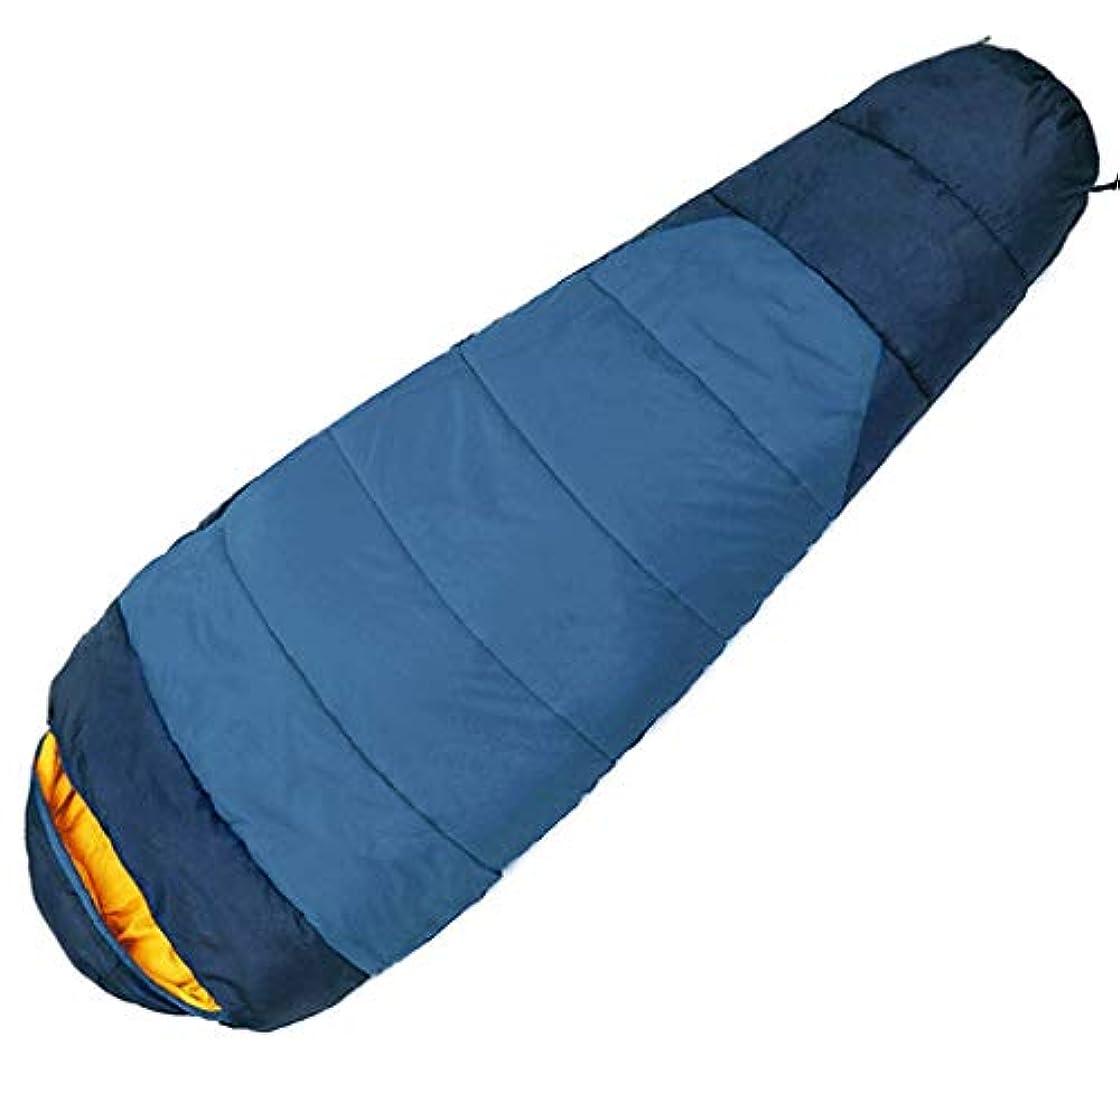 製造国際含意冬の厚いミイラキャンプ用寝袋屋外登山大人はスプライスすることができます (色 : 1#)